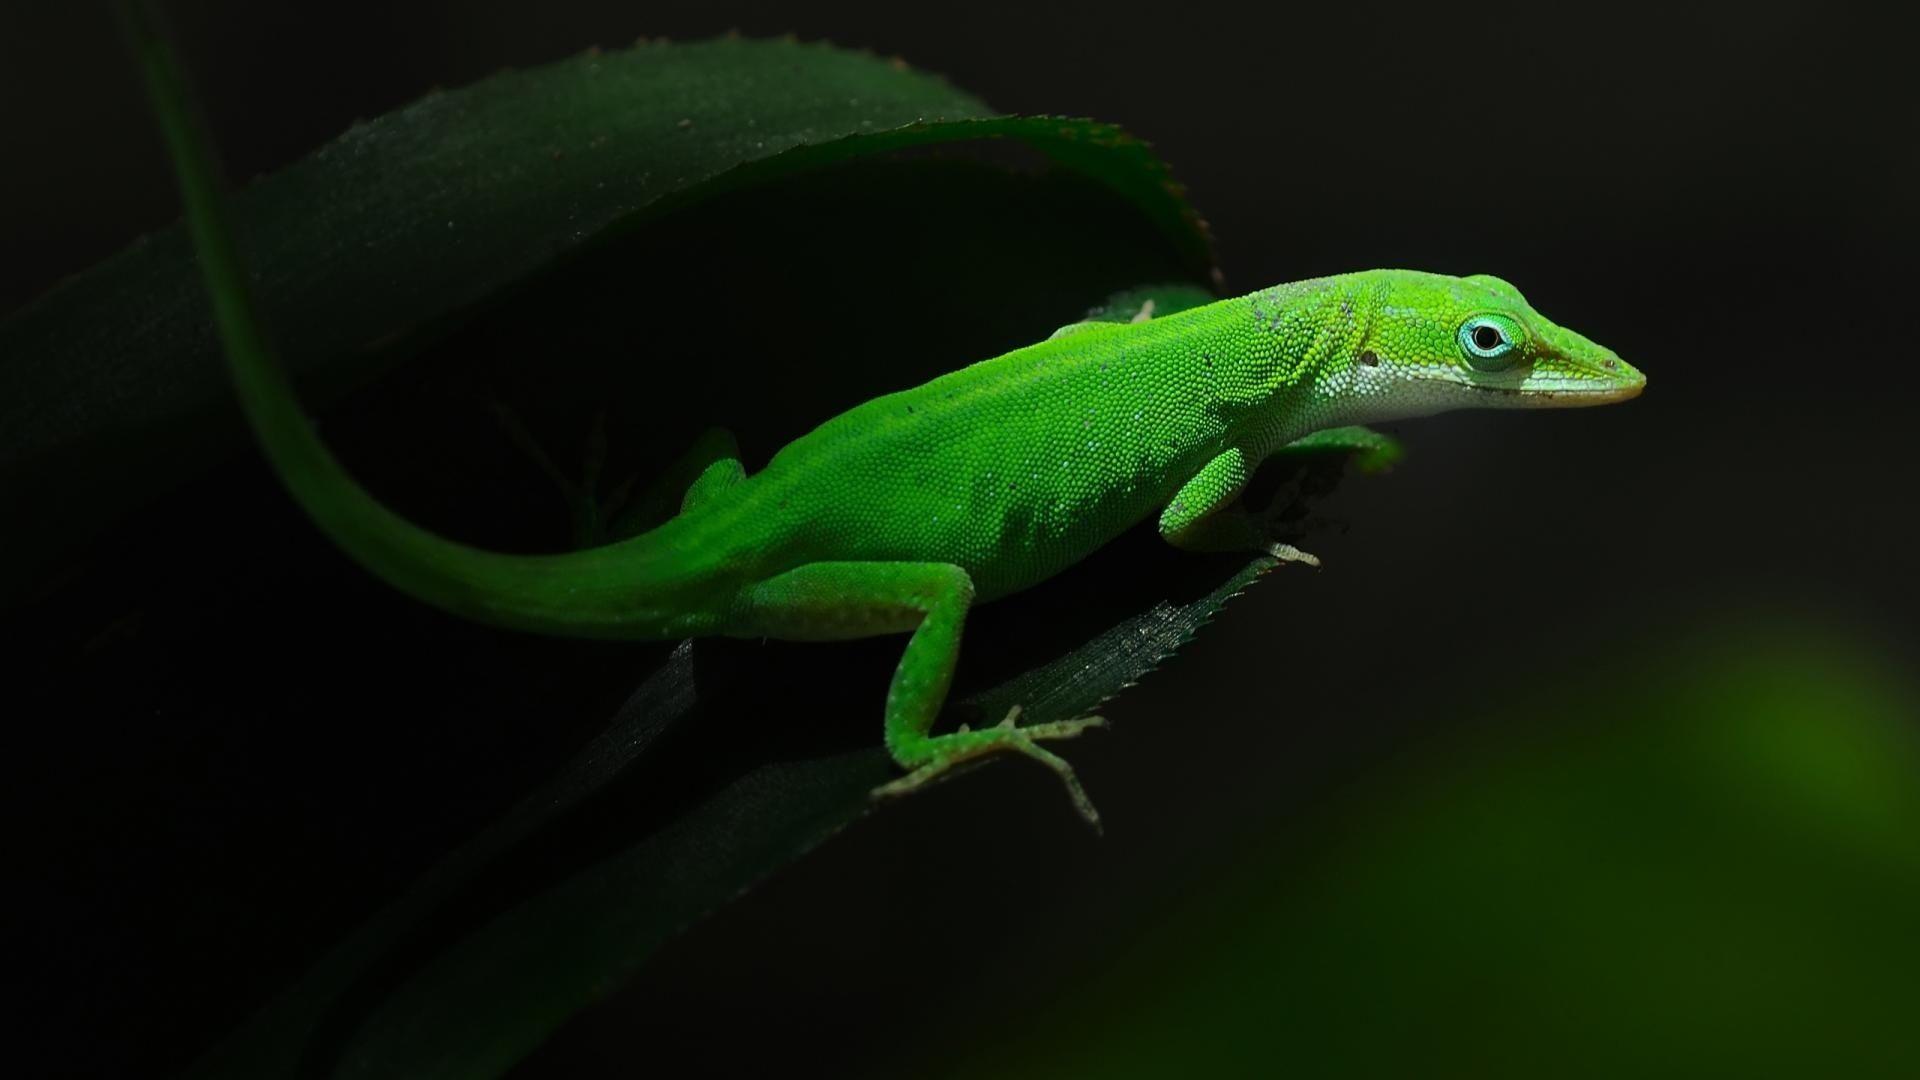 Wallpapers Green Lizard